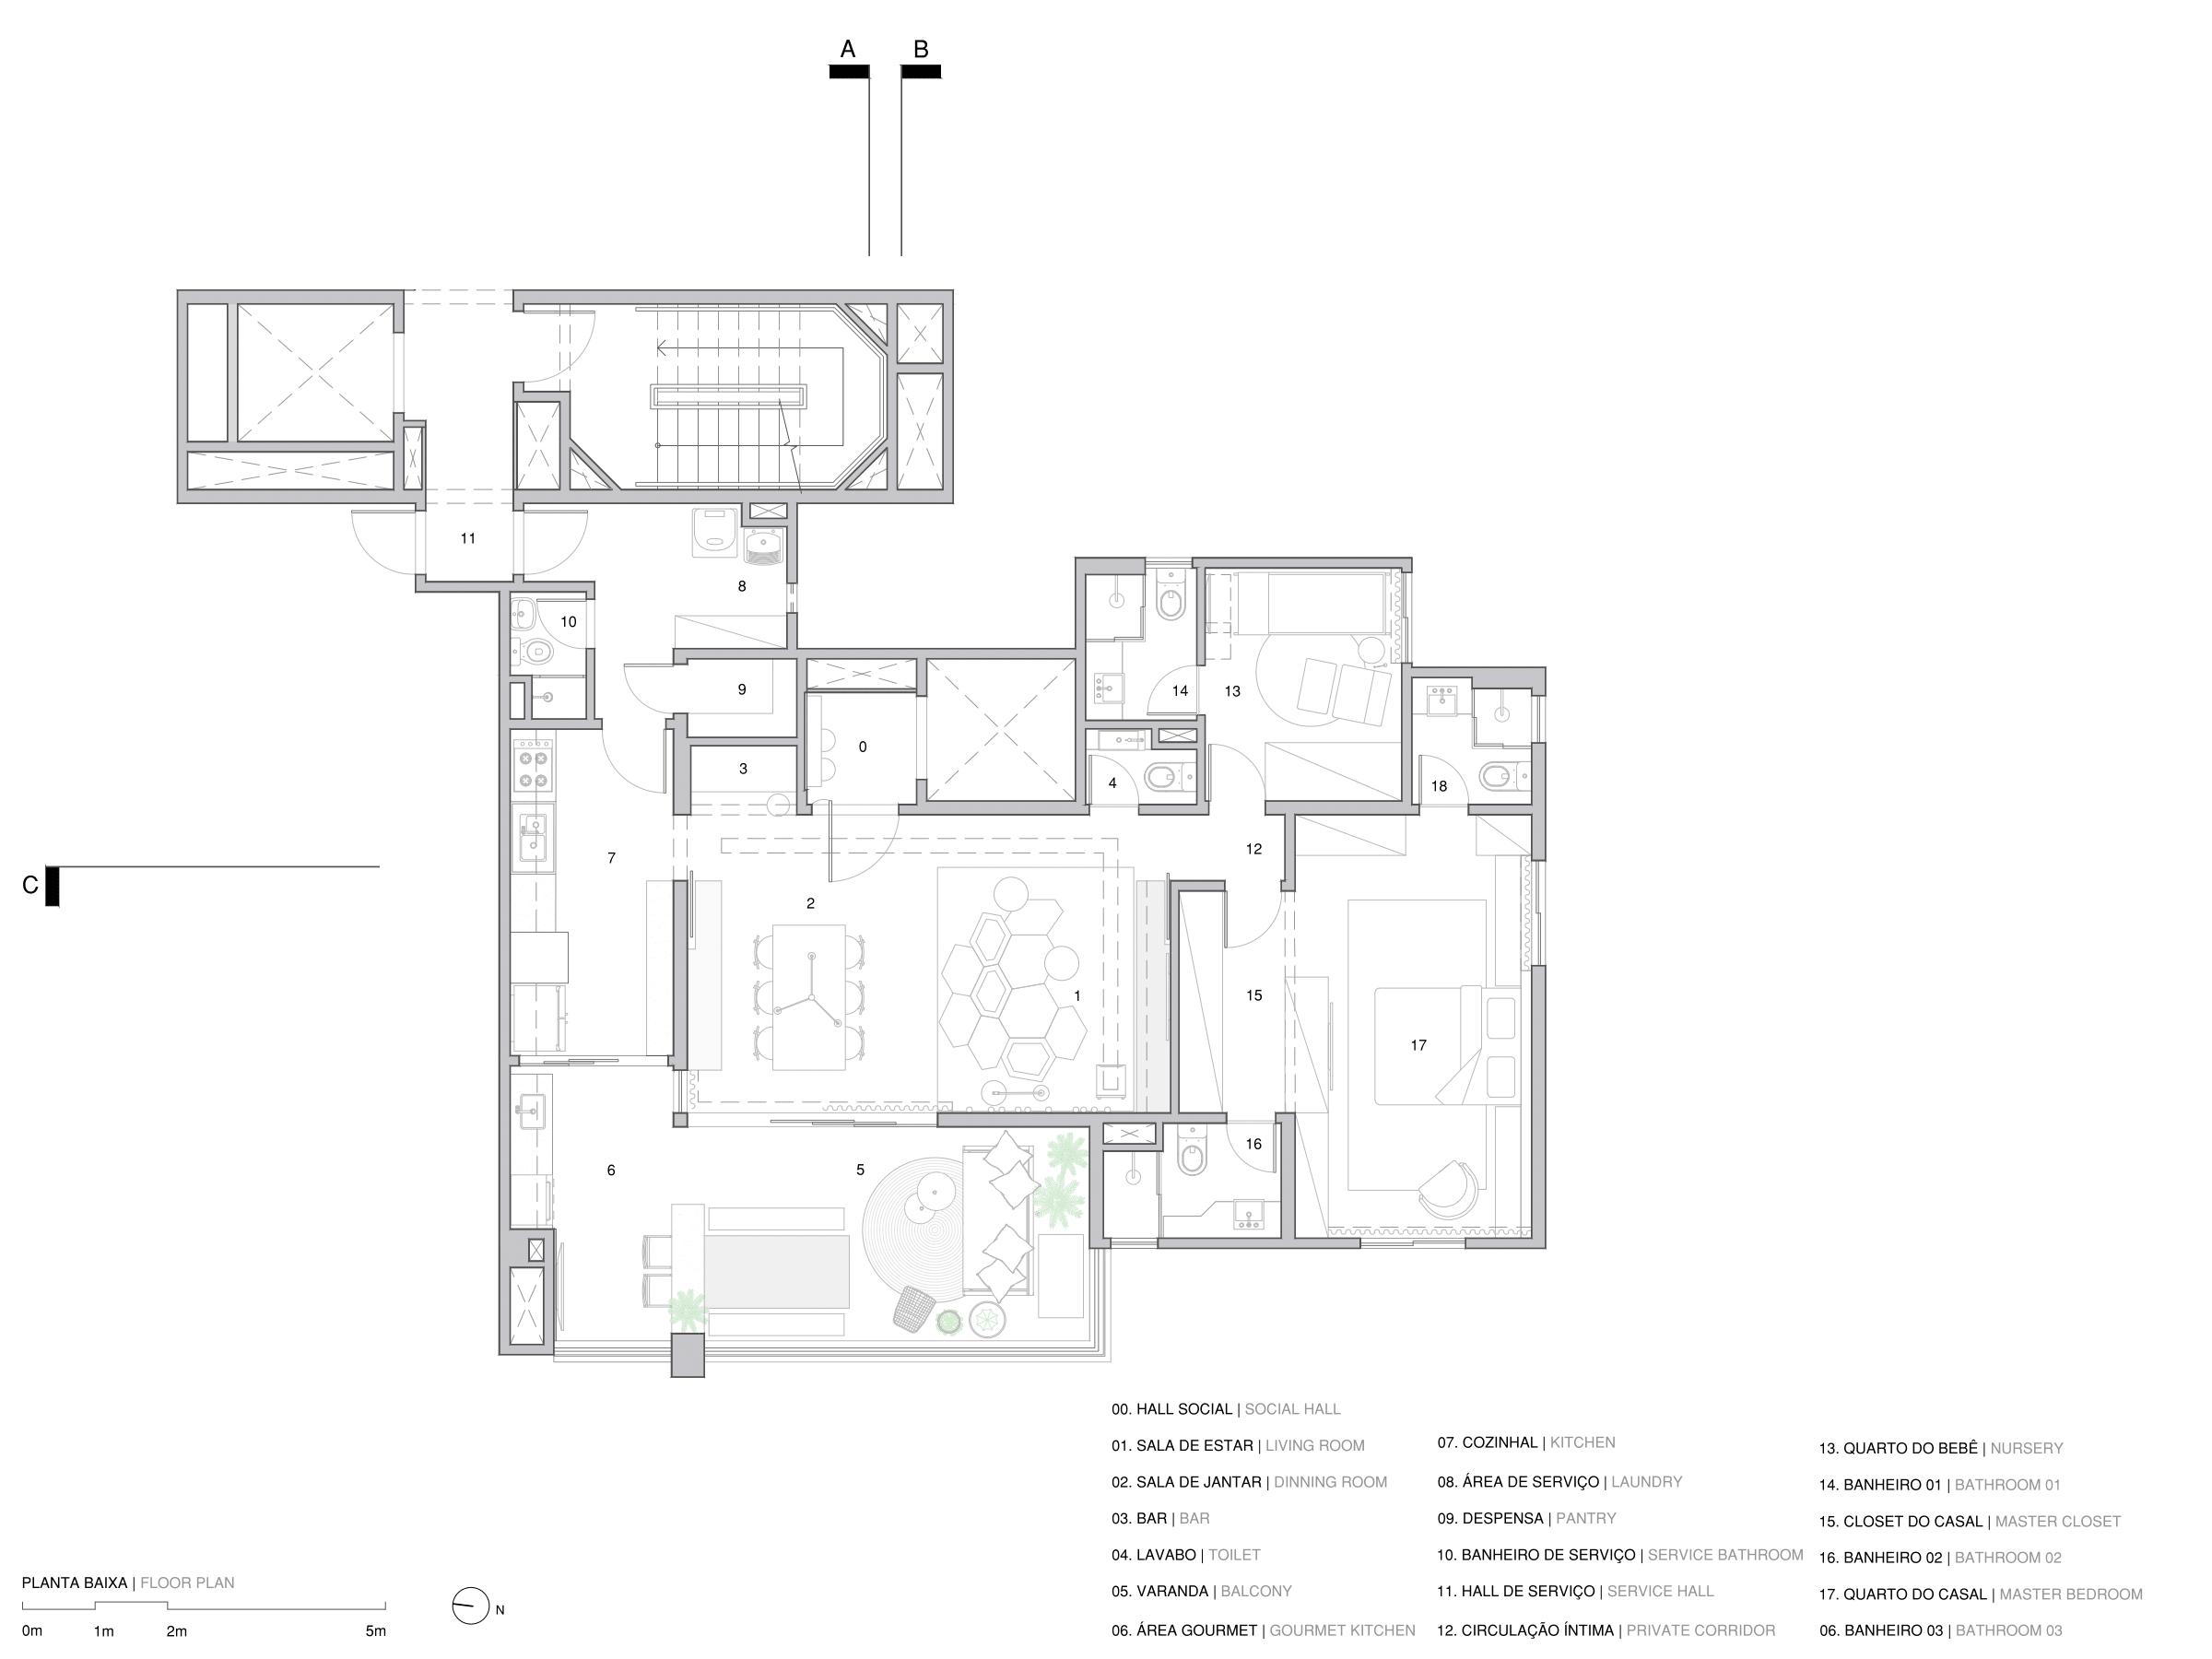 hobjeto-arquitetura-apartamento-fn-ap-01-pb